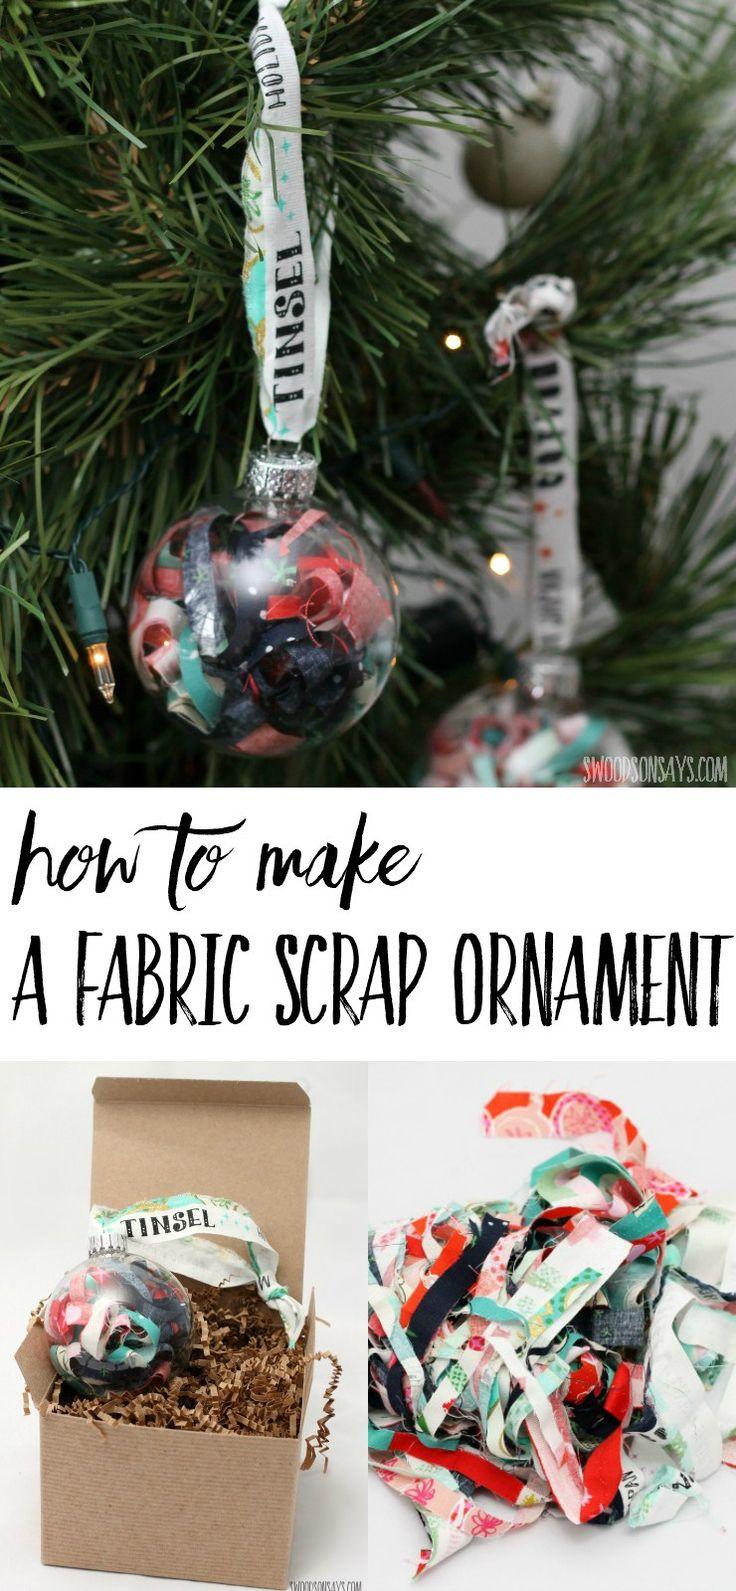 164 besten Christmas sewing projects Bilder auf Pinterest ...